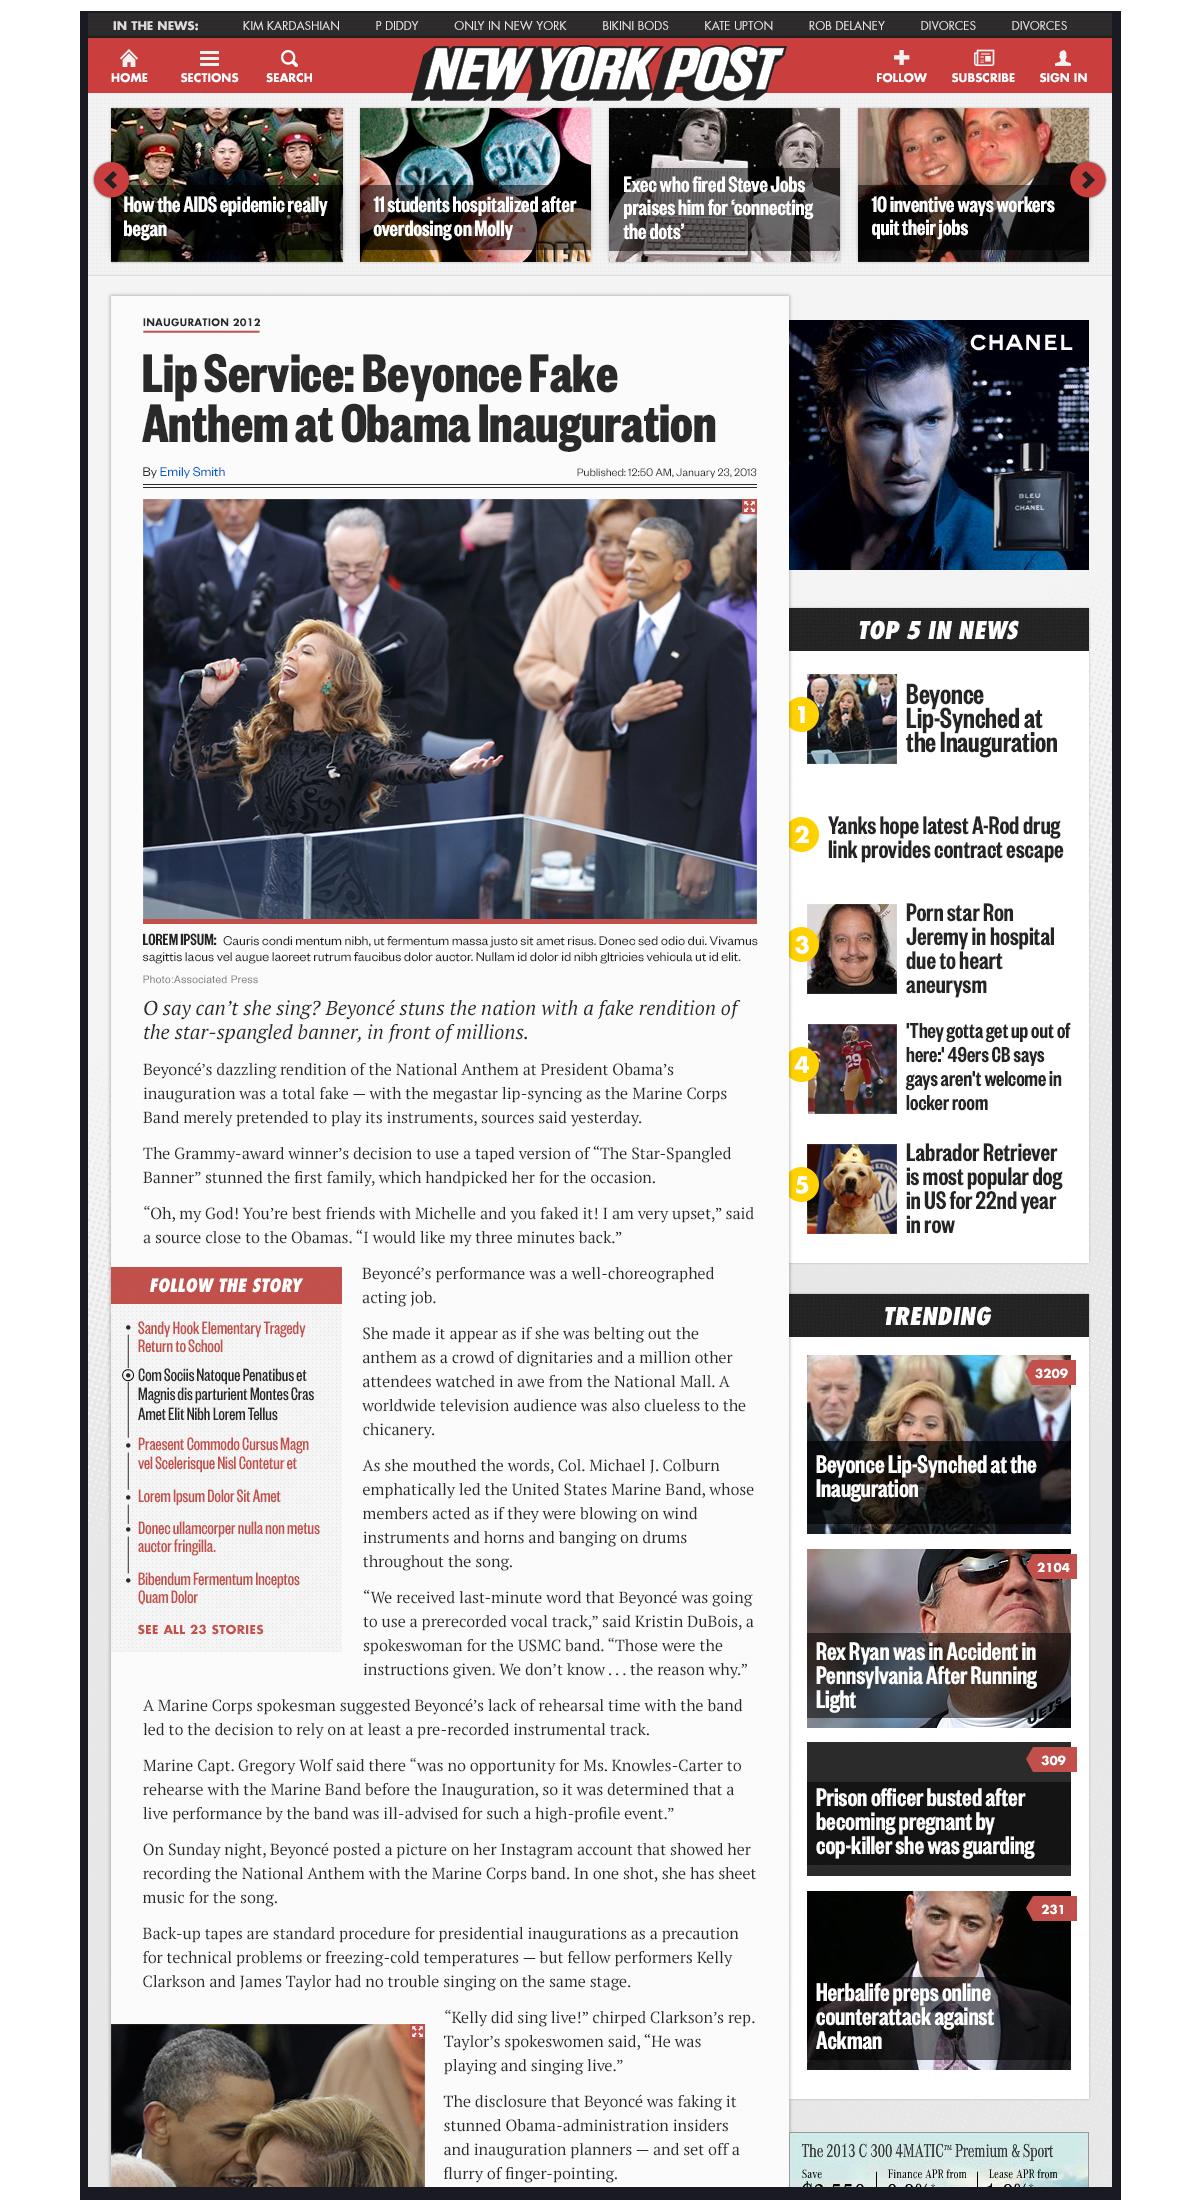 NYP-Article.png